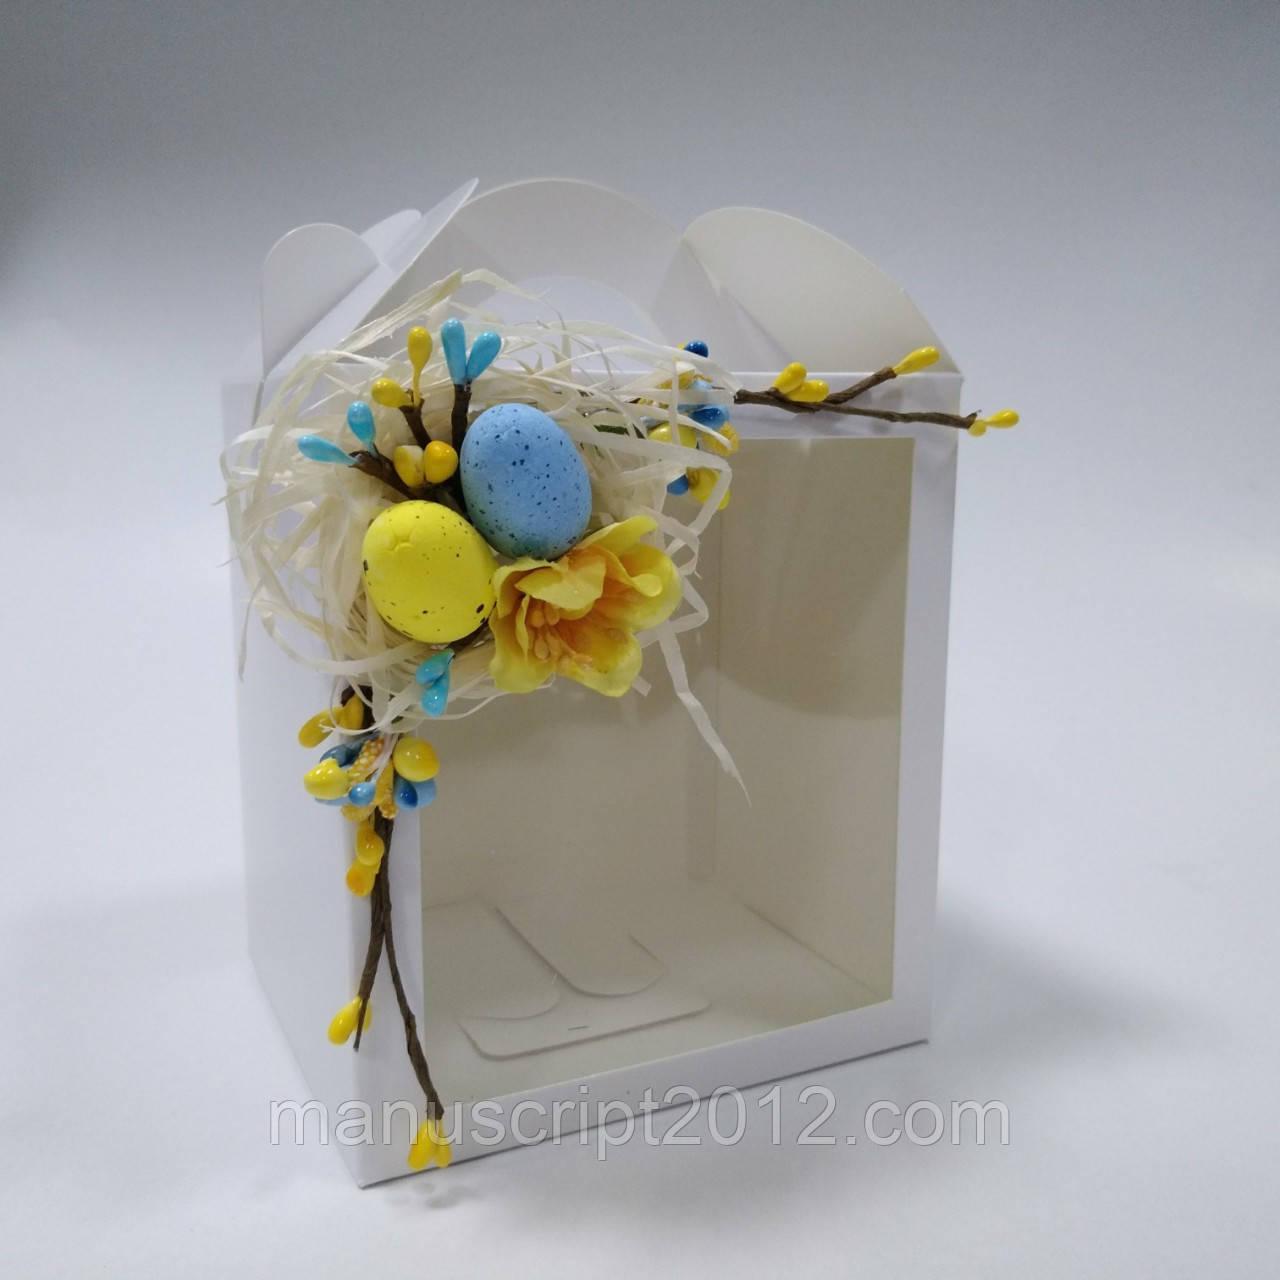 Коробка для кулича, пряничных домов и подарков с декором (115*120*140 мм)